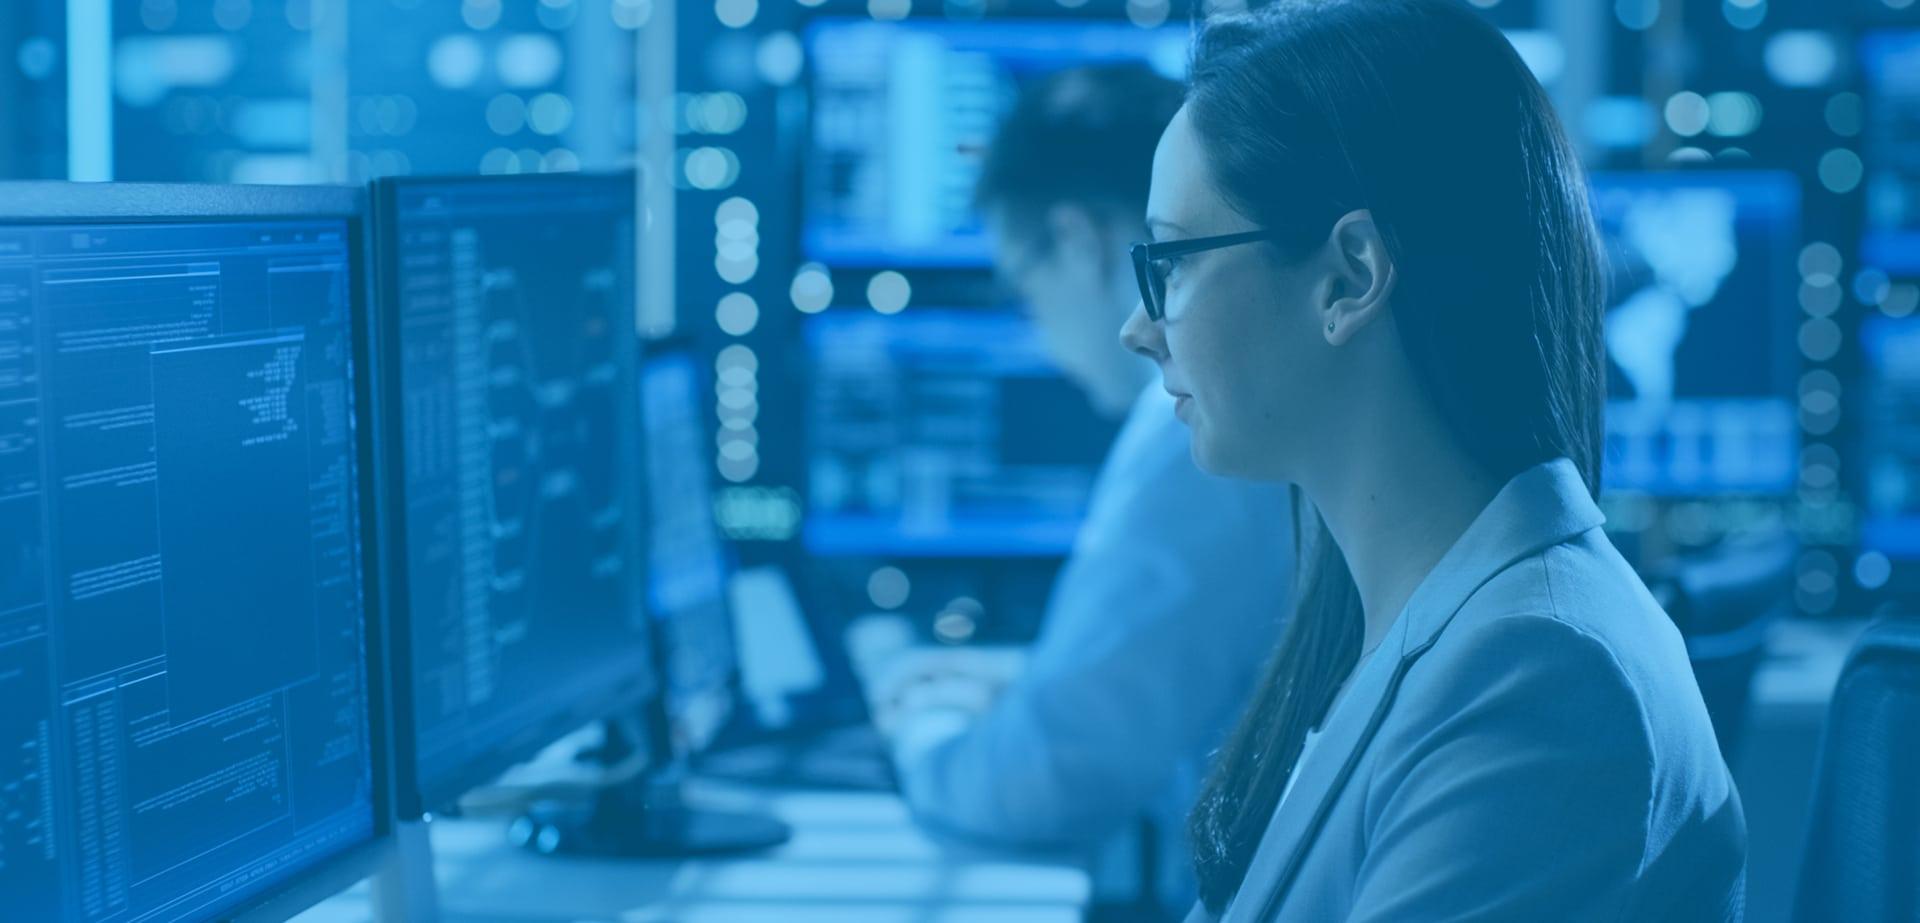 Une femme est assise à un poste informatique.